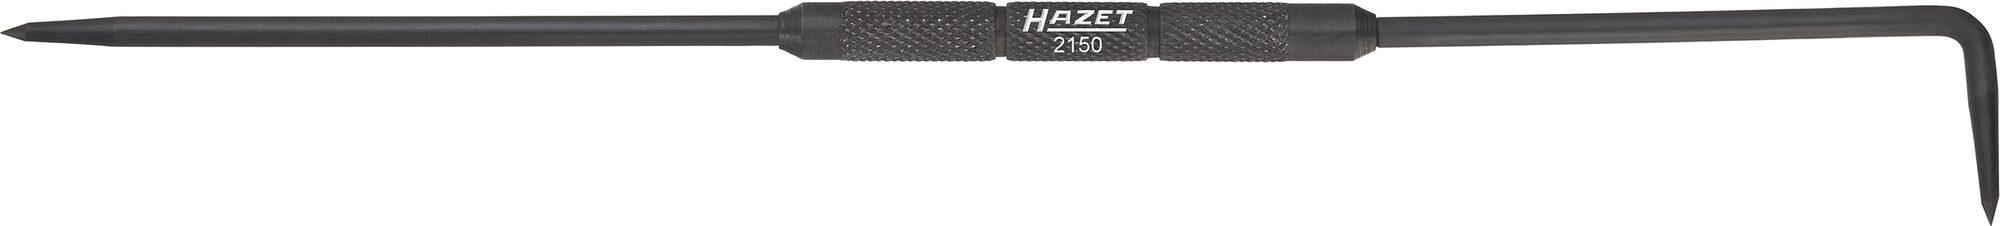 HAZET Reißnadel 2150